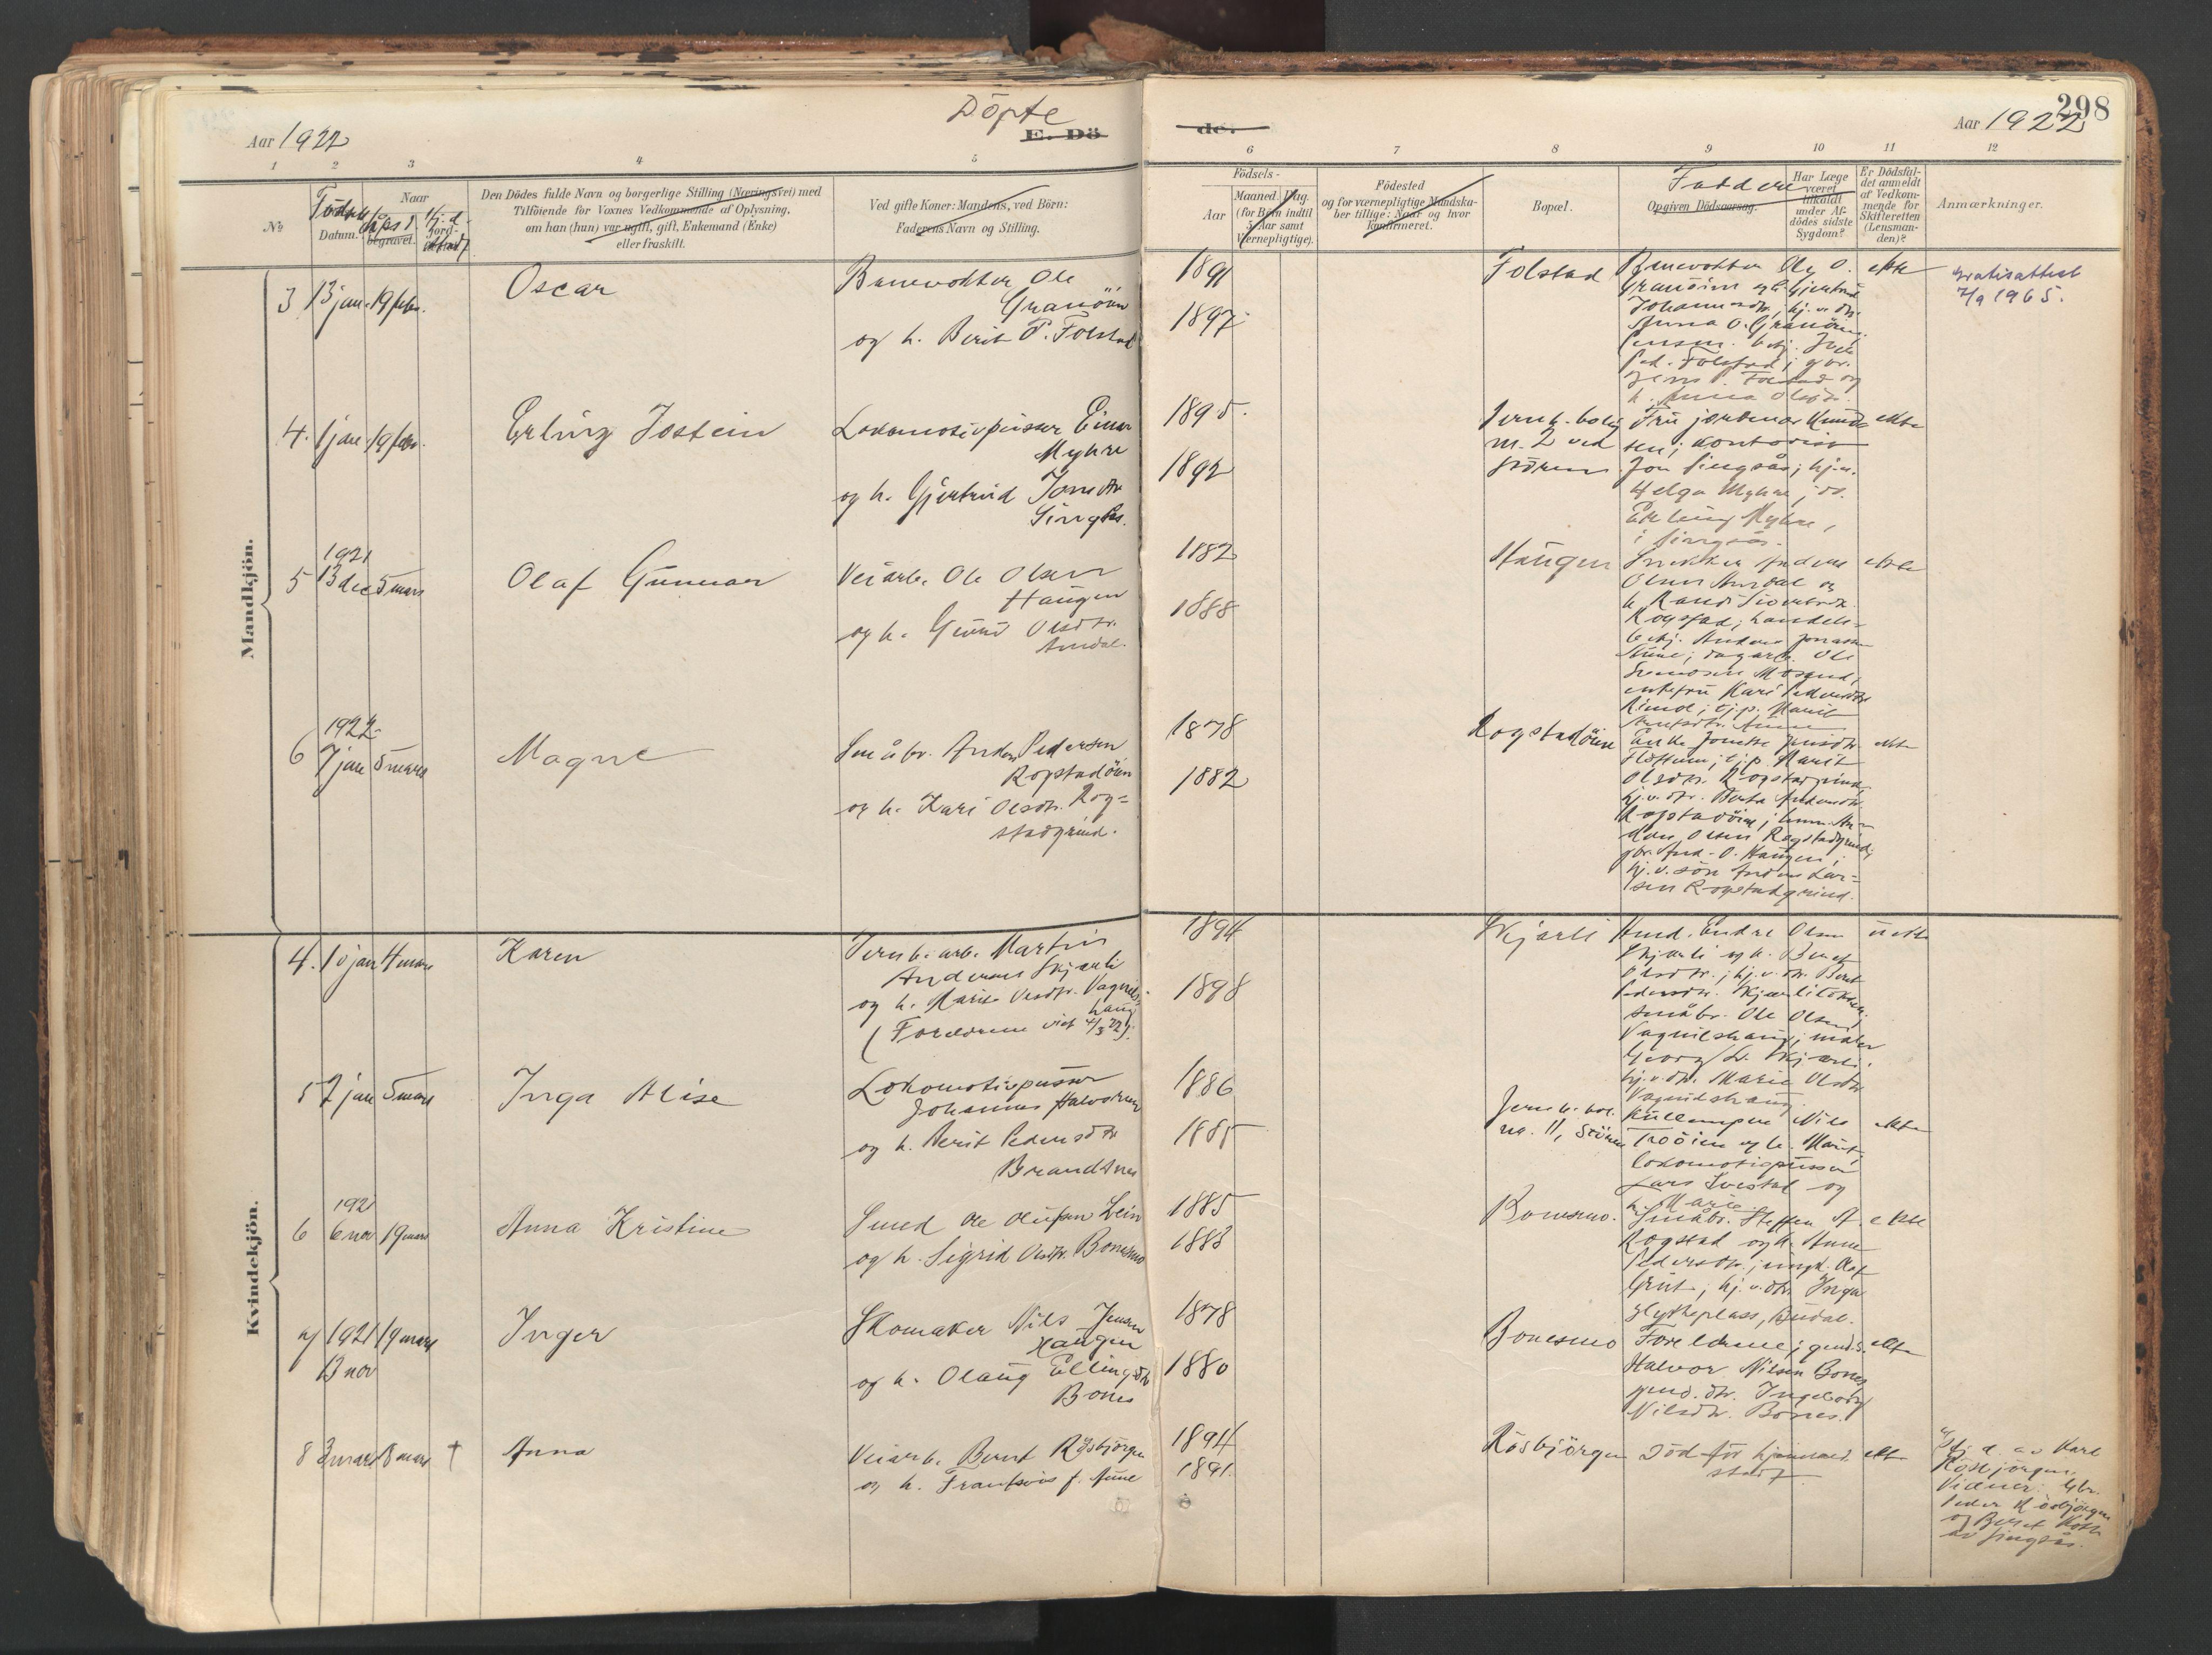 SAT, Ministerialprotokoller, klokkerbøker og fødselsregistre - Sør-Trøndelag, 687/L1004: Ministerialbok nr. 687A10, 1891-1923, s. 298